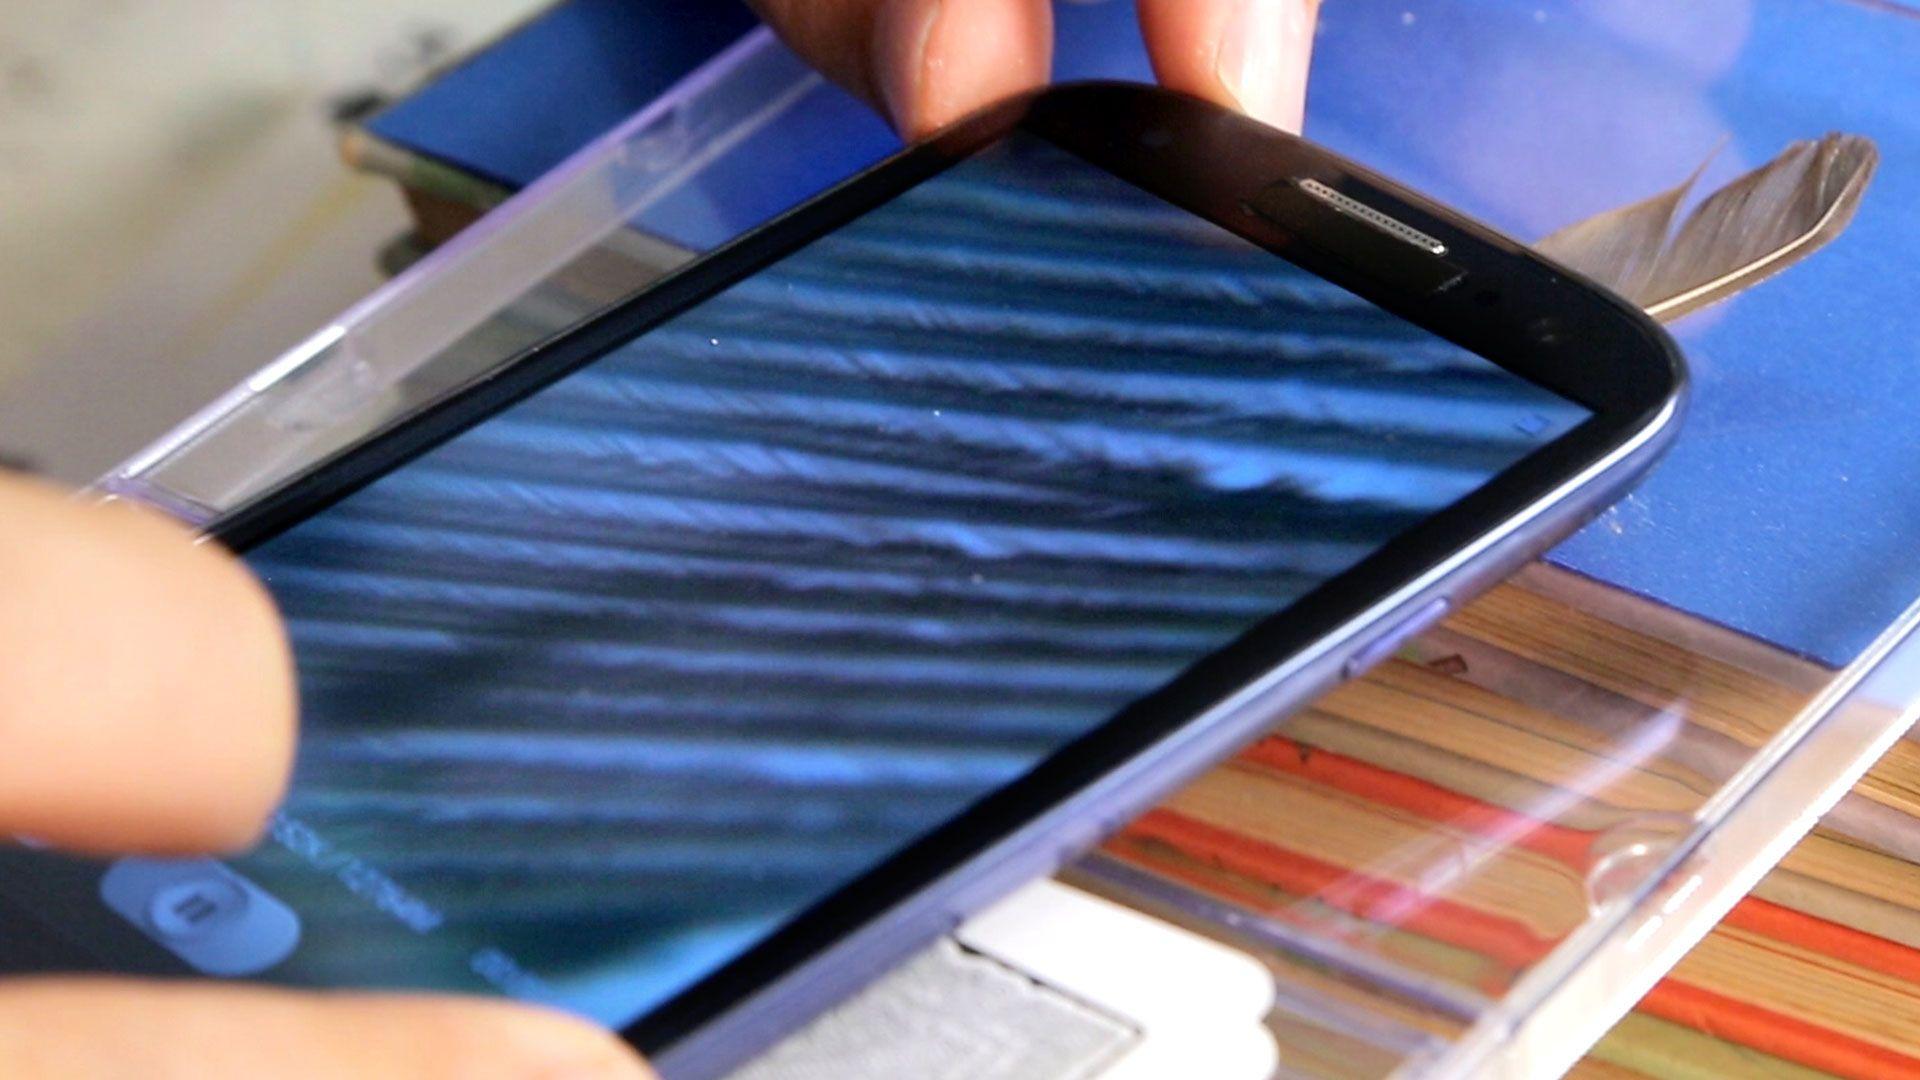 + Livro do Manual do Mundo + Projetor caseiro com celular + Como escrever com luz